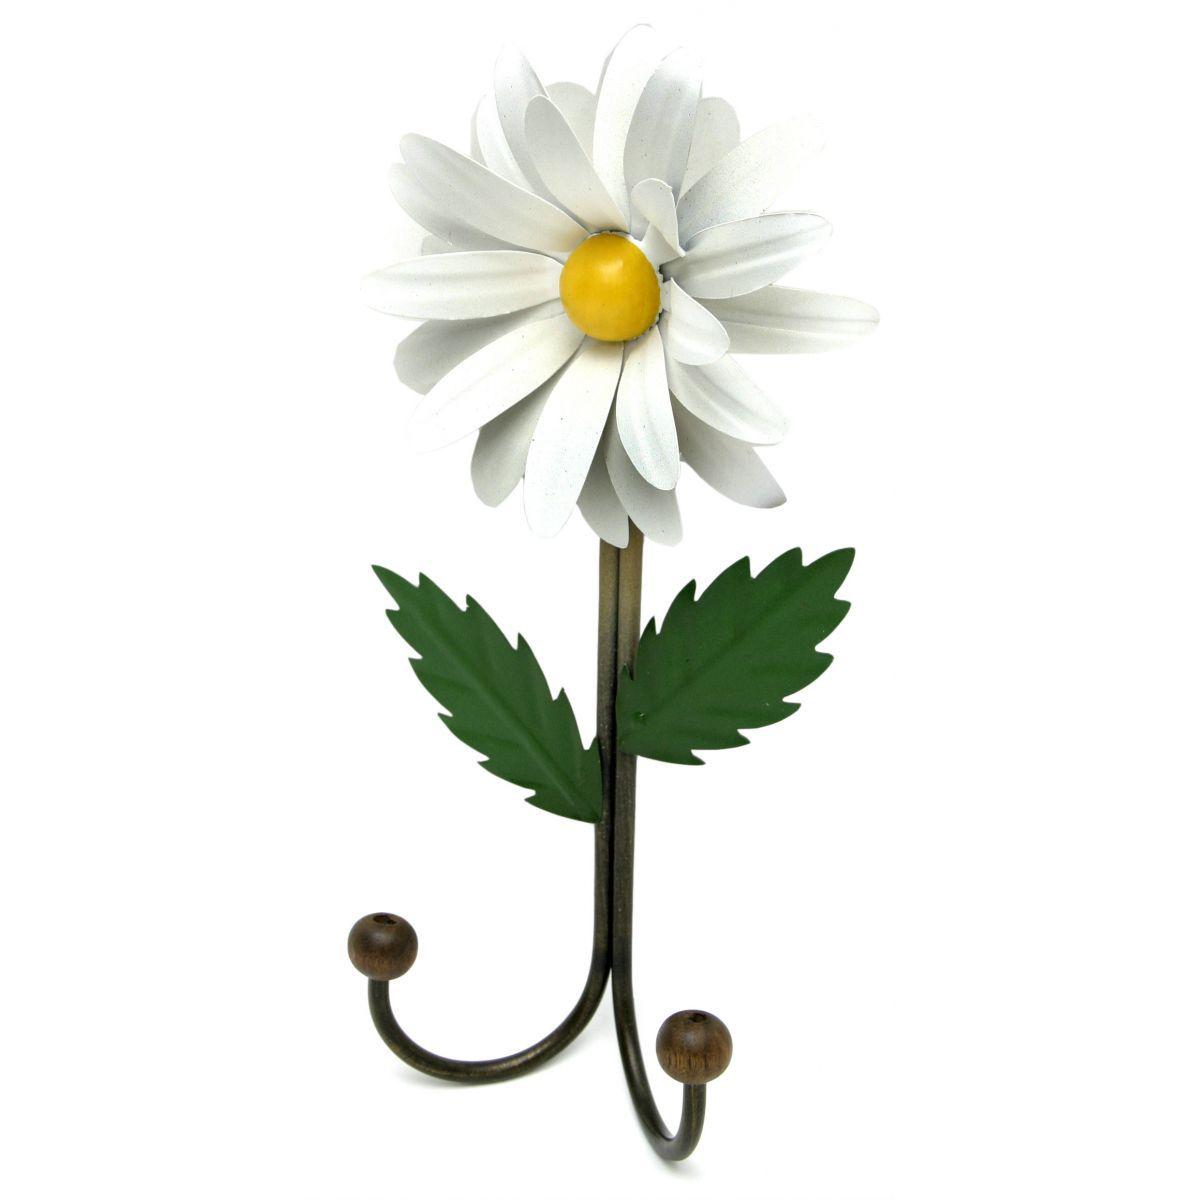 Cabide para Bolsas de Quarto em Ferro Artesanal com Flor de Lata